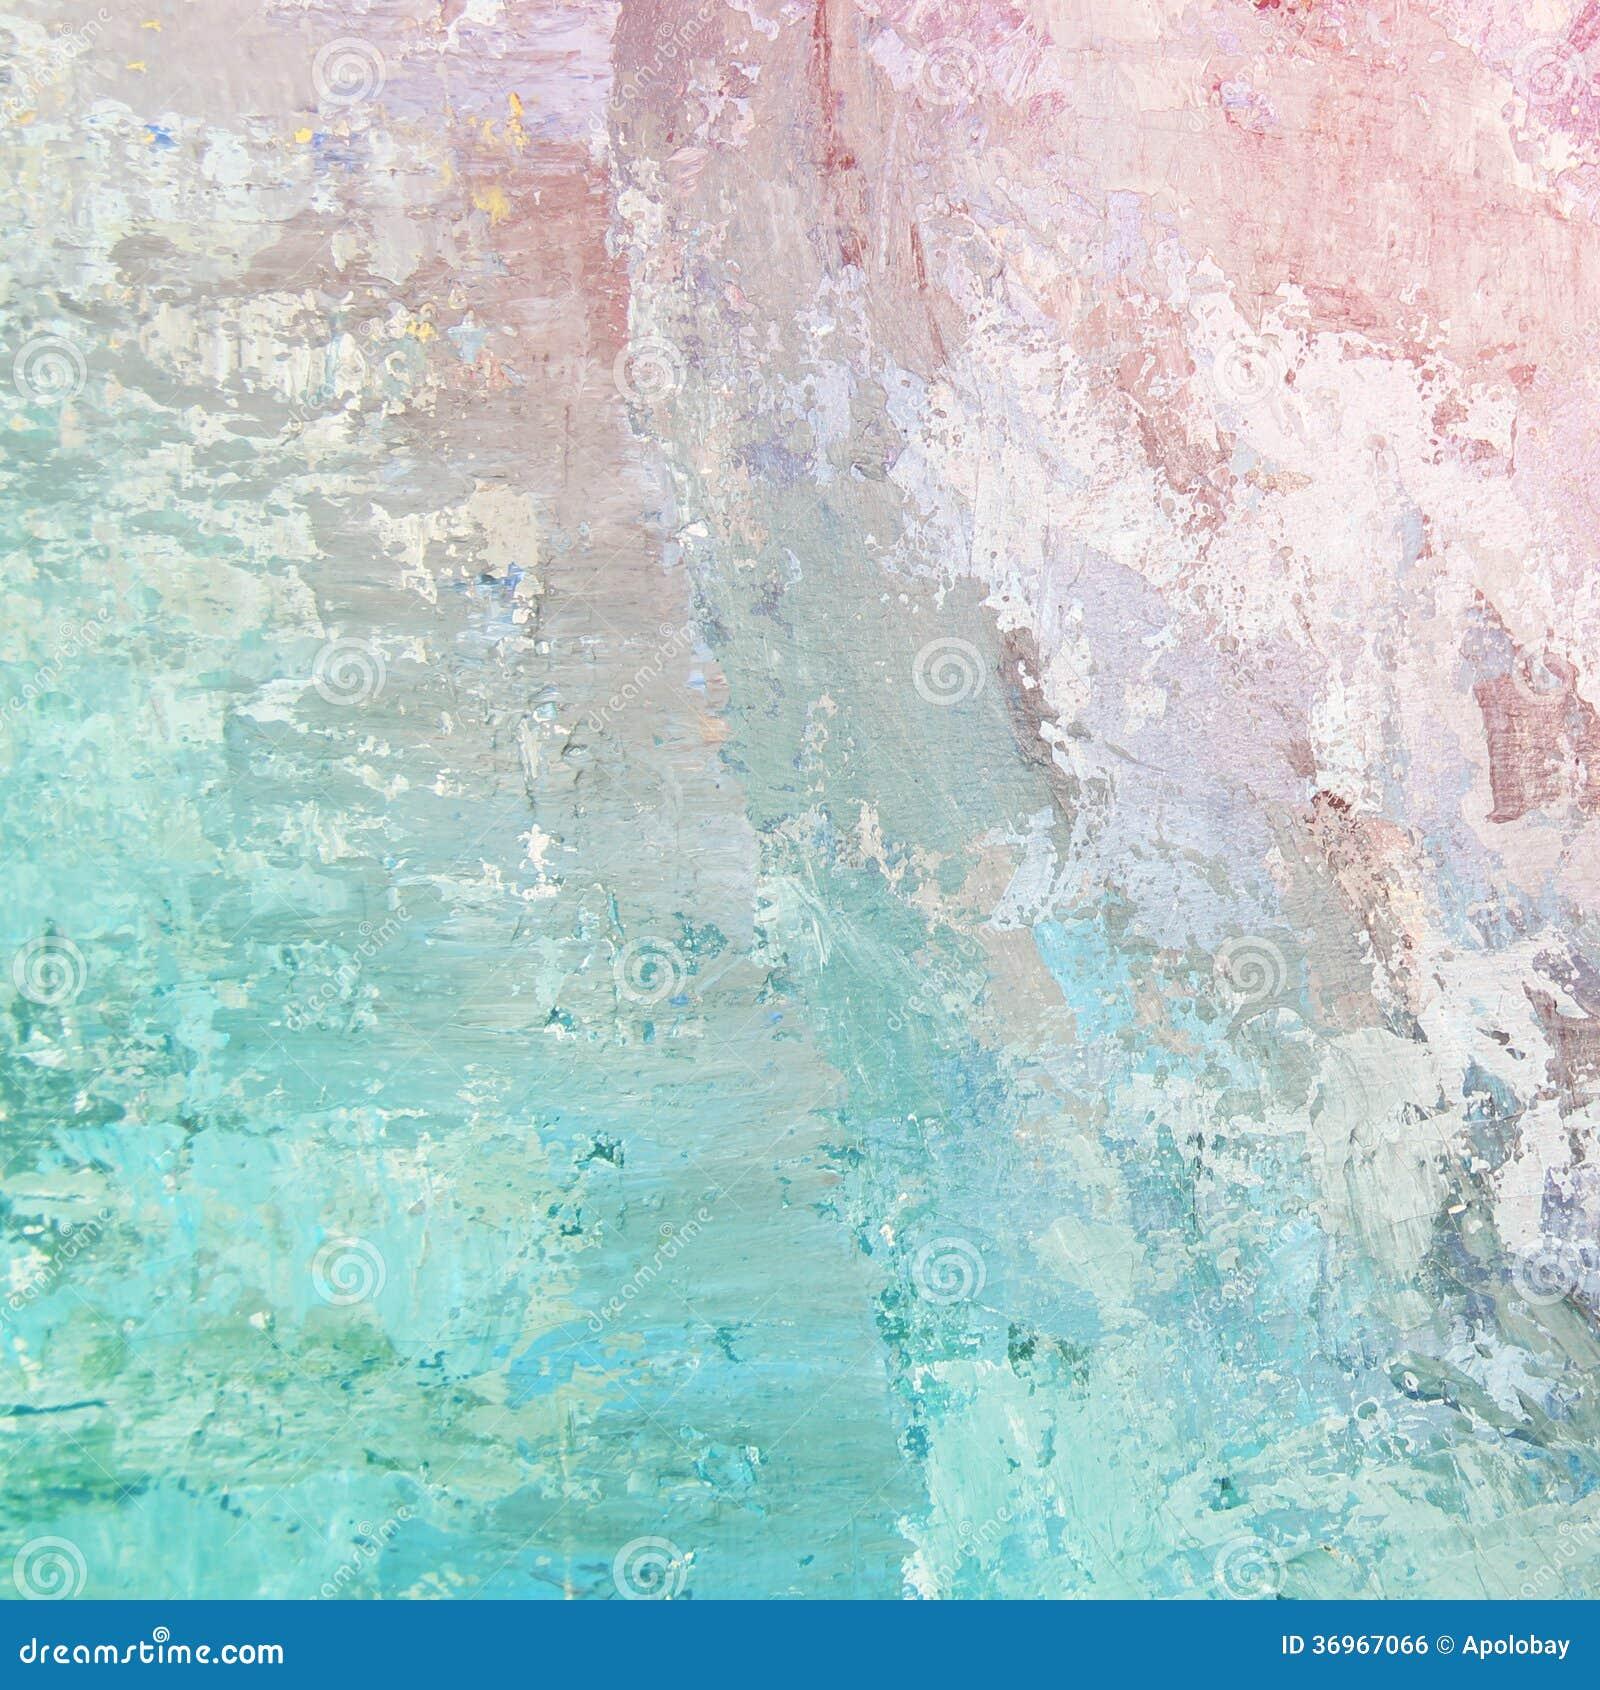 Exceptionnel Fond Texturisé En Pastel Abstrait Bleu. Photo stock - Image: 23516216 LQ74